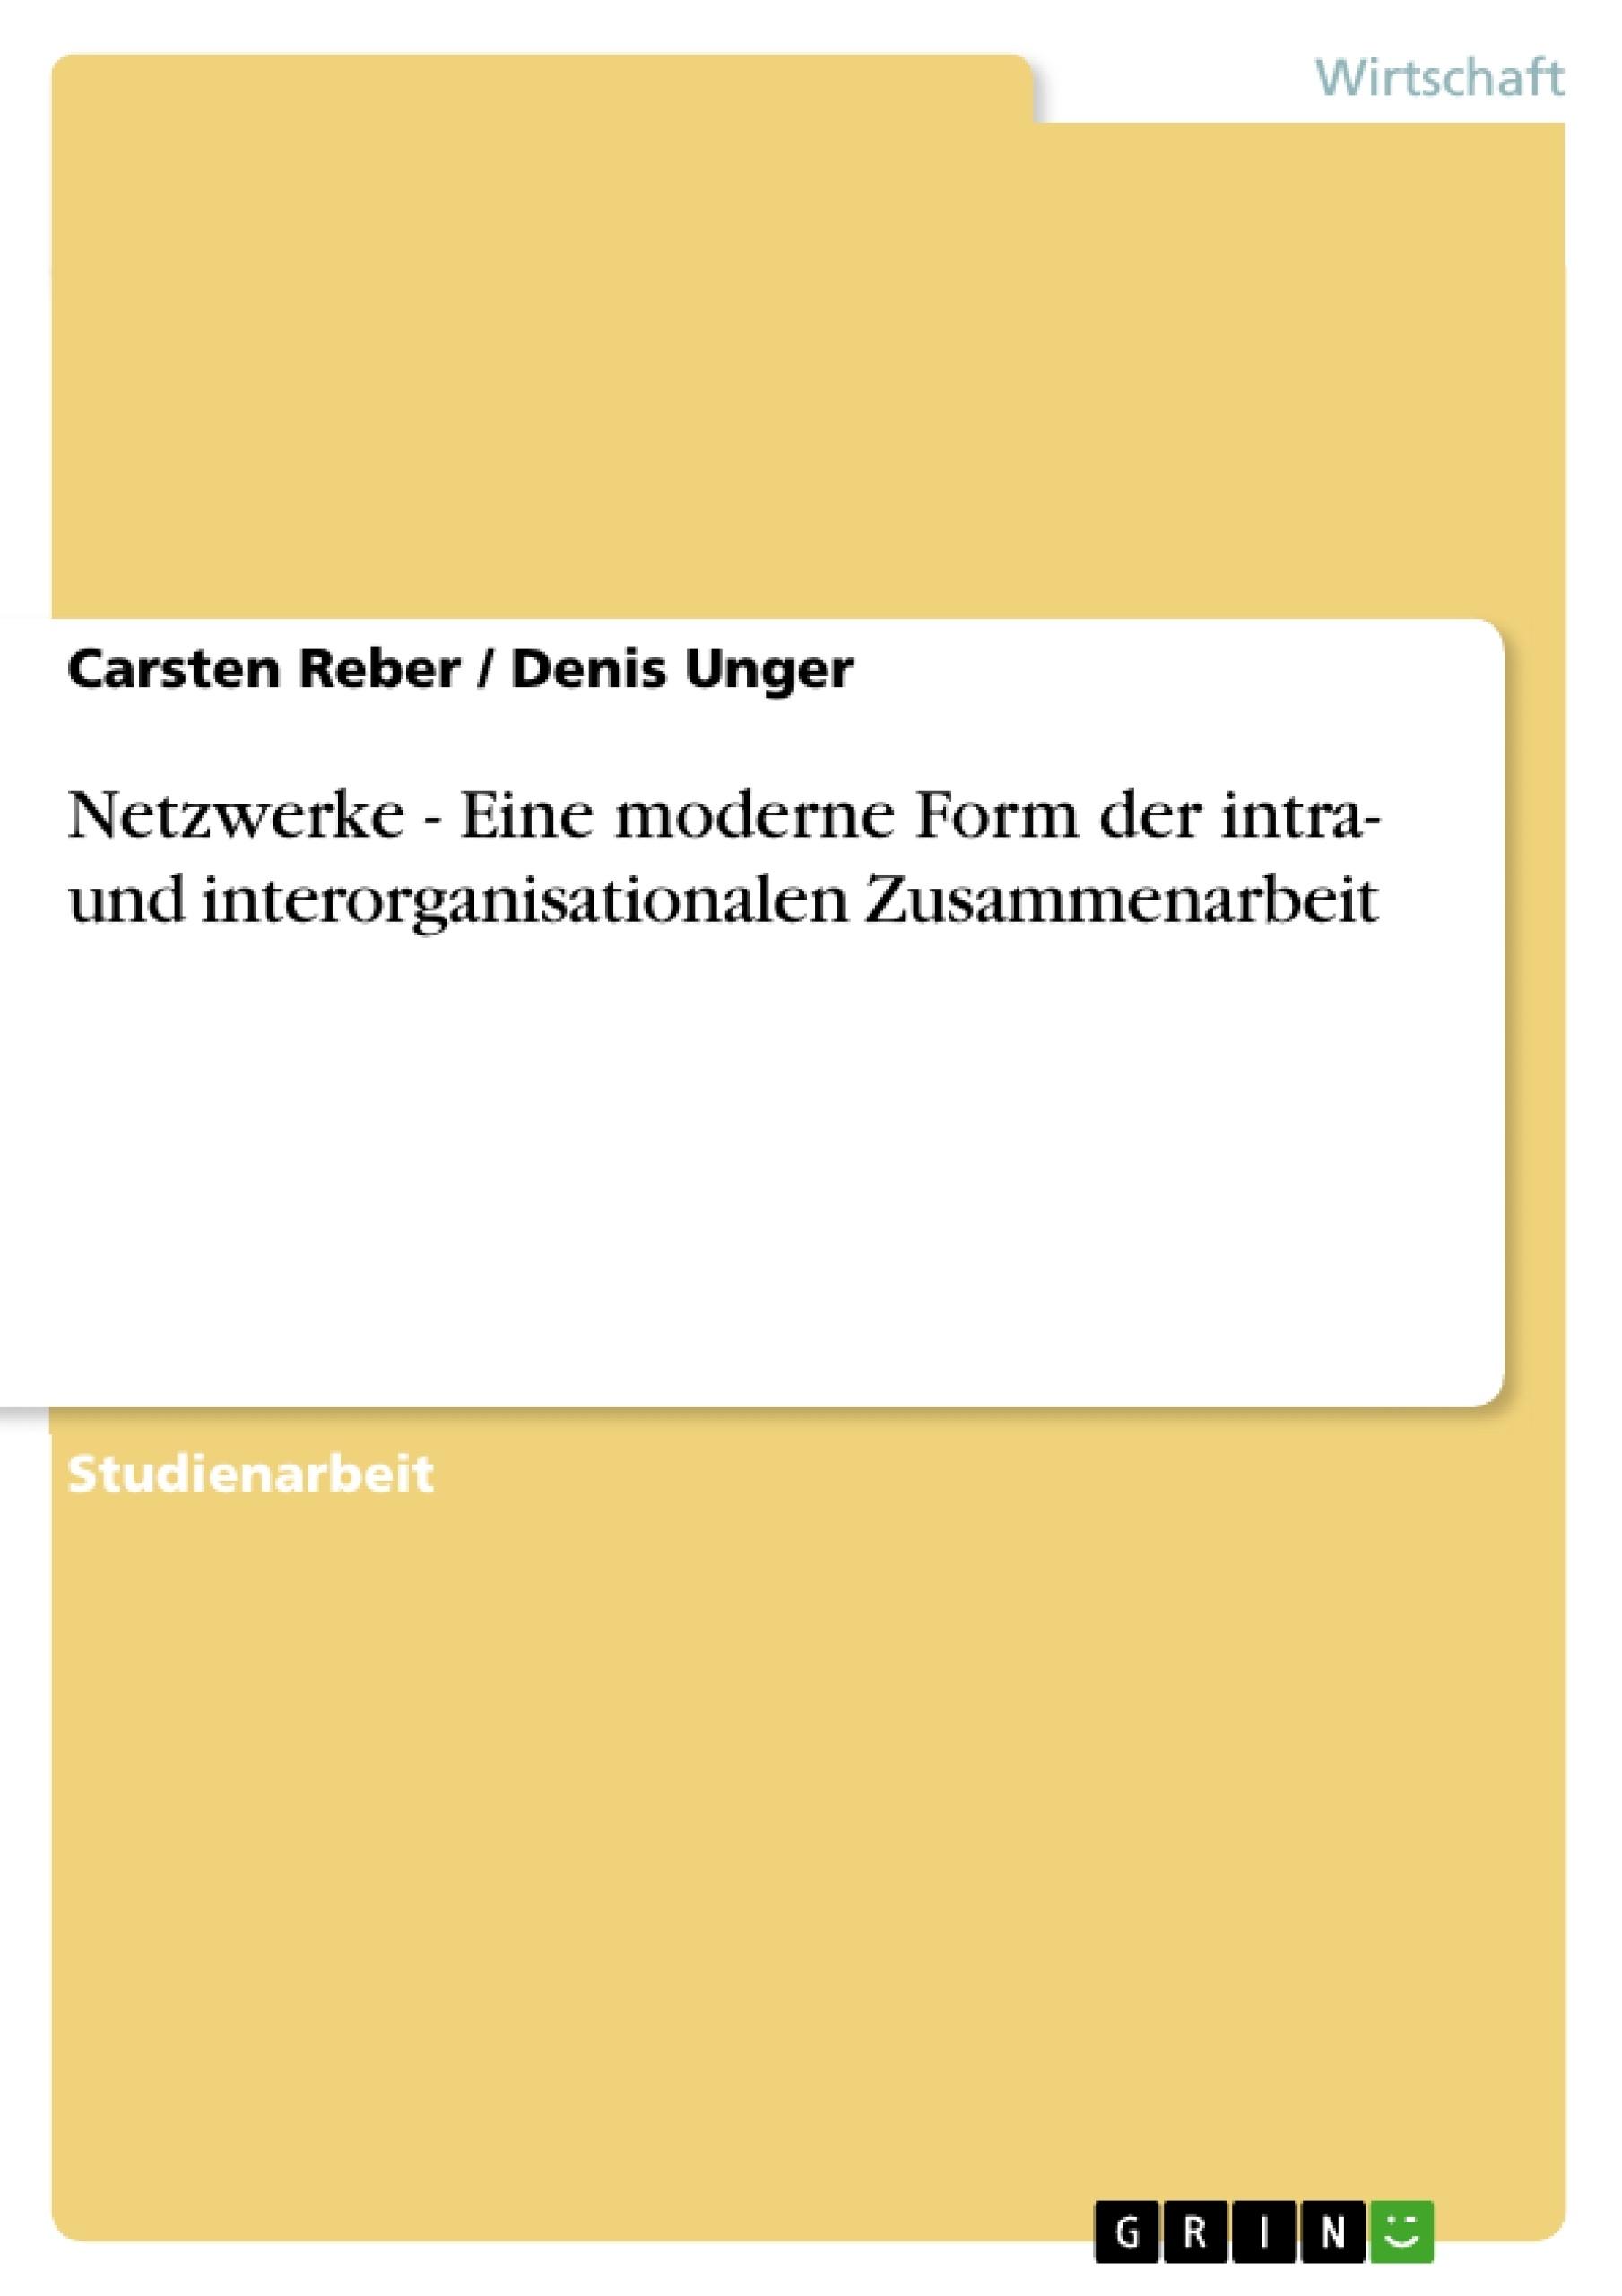 Titel: Netzwerke - Eine moderne Form der intra- und interorganisationalen Zusammenarbeit